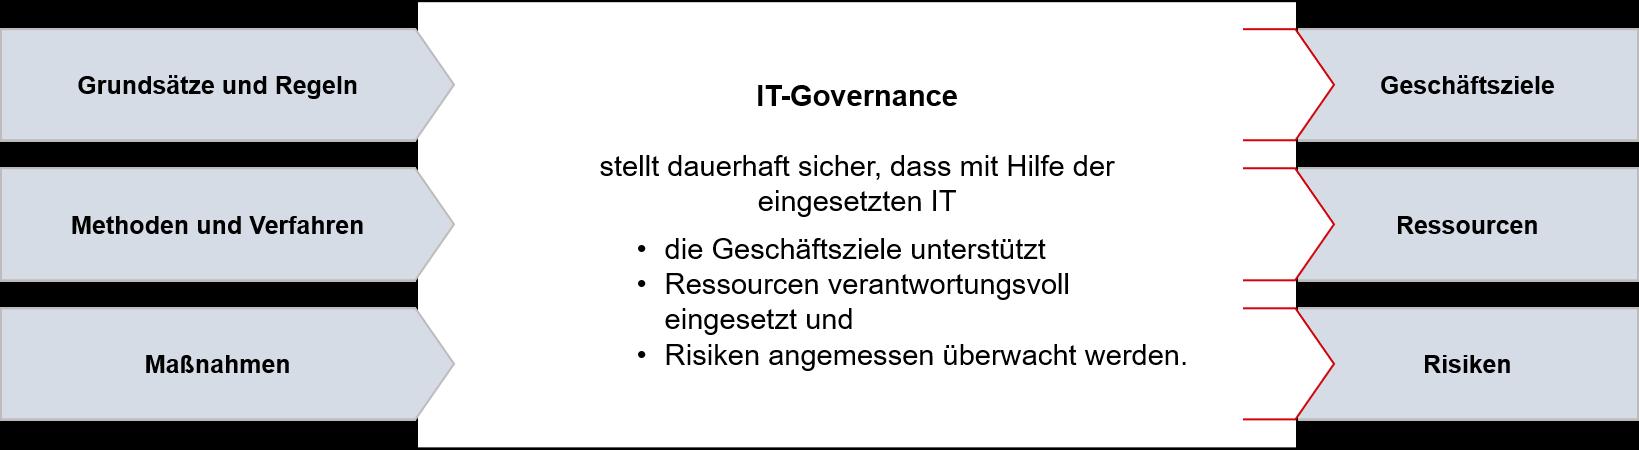 IT-Governance Übersicht